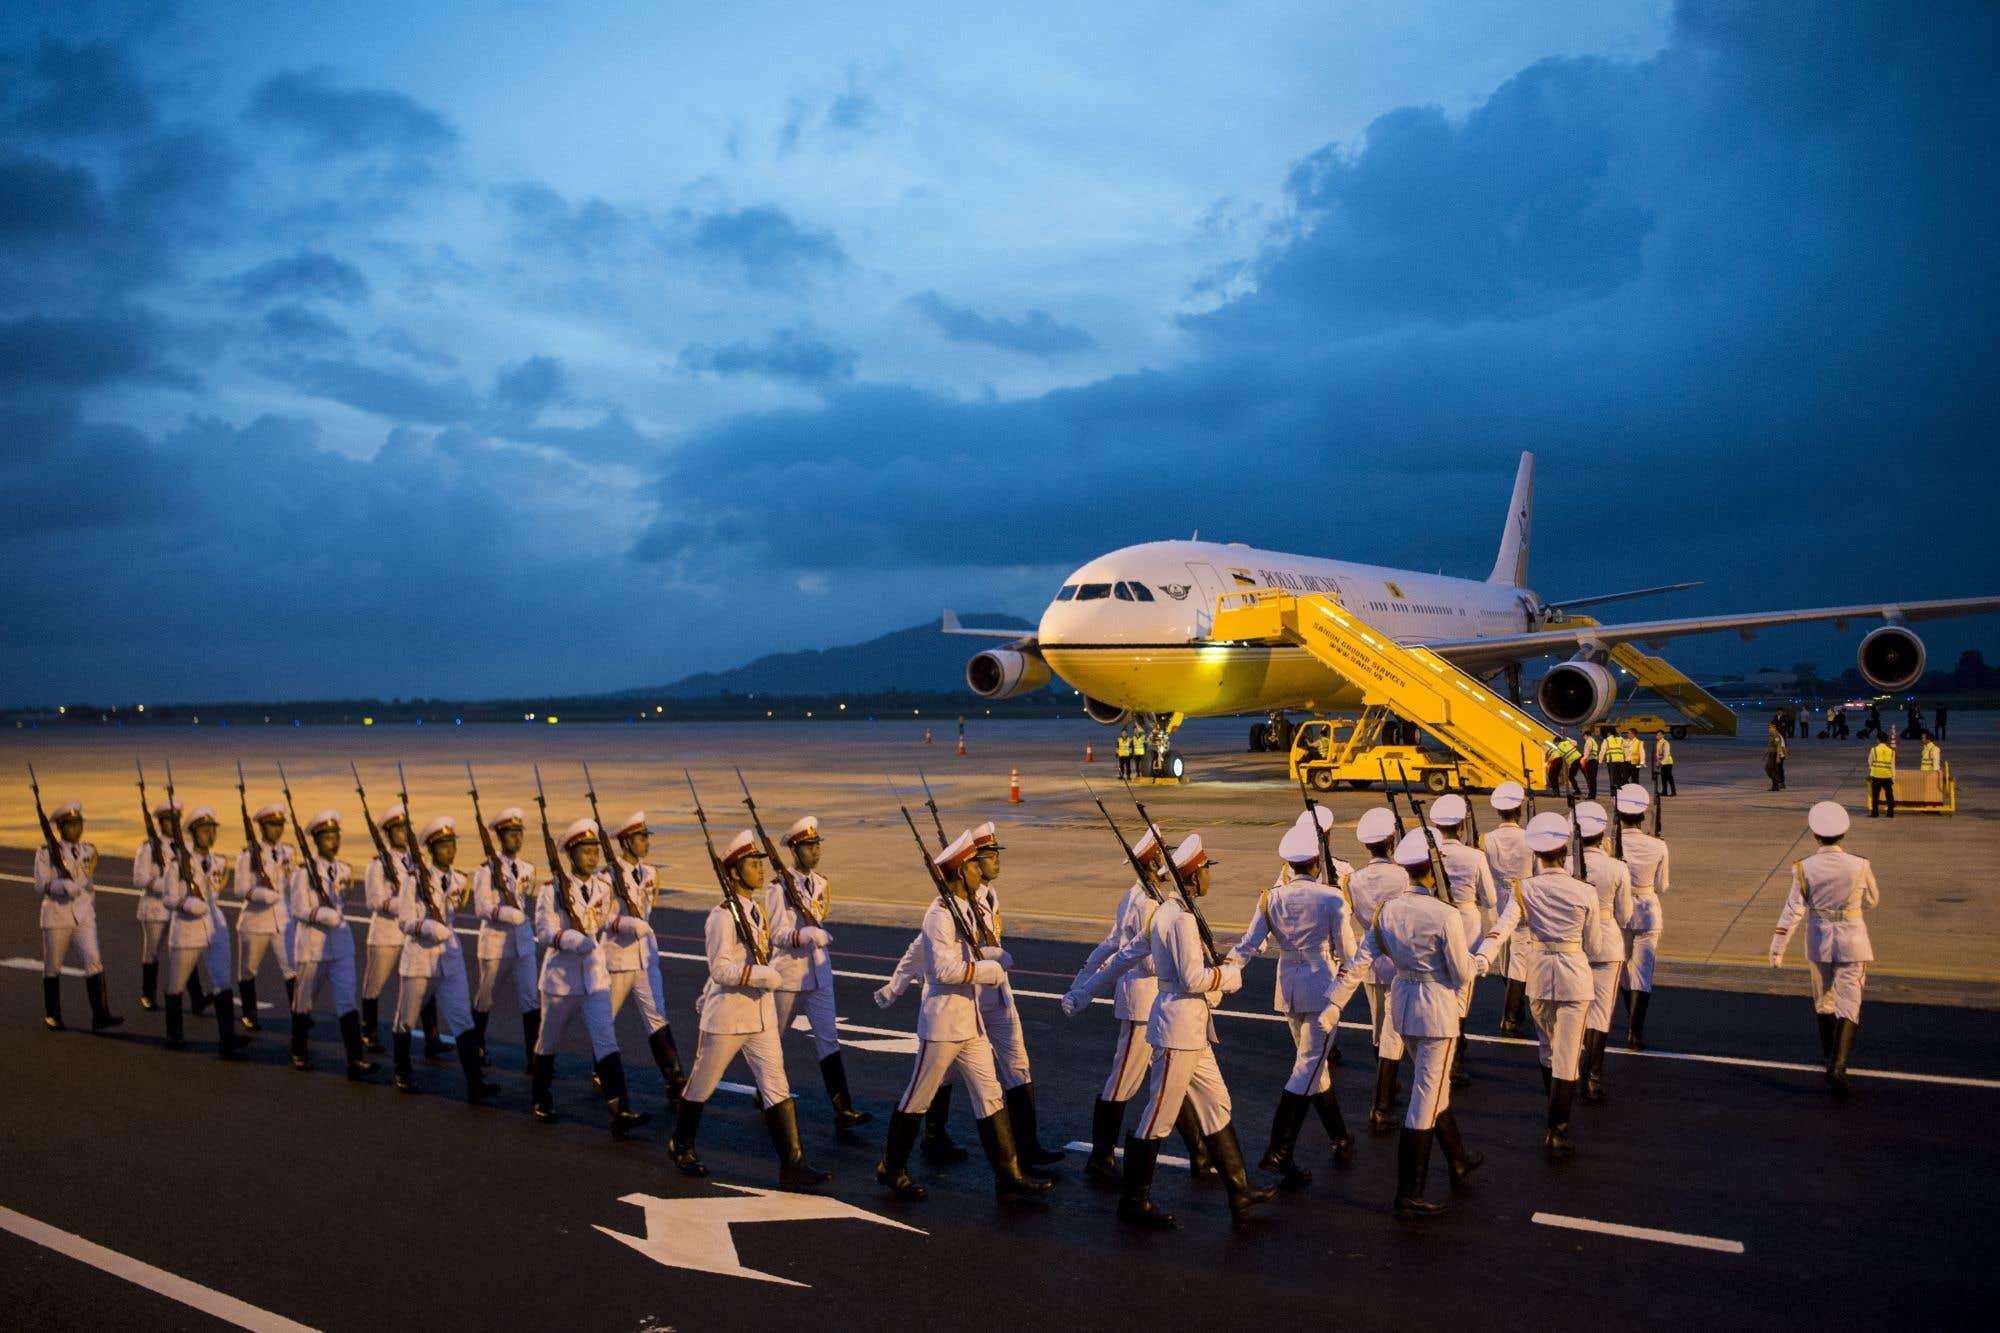 Des membres de la garde d'honneur vietnamienne défilent lors de l'arrivée des dirigeants à l'aéroport international en vue de la réunion des dirigeants de la Coopération économique Asie-Pacifique (APEC) dans la ville de Danang, au centre du Vietnam.